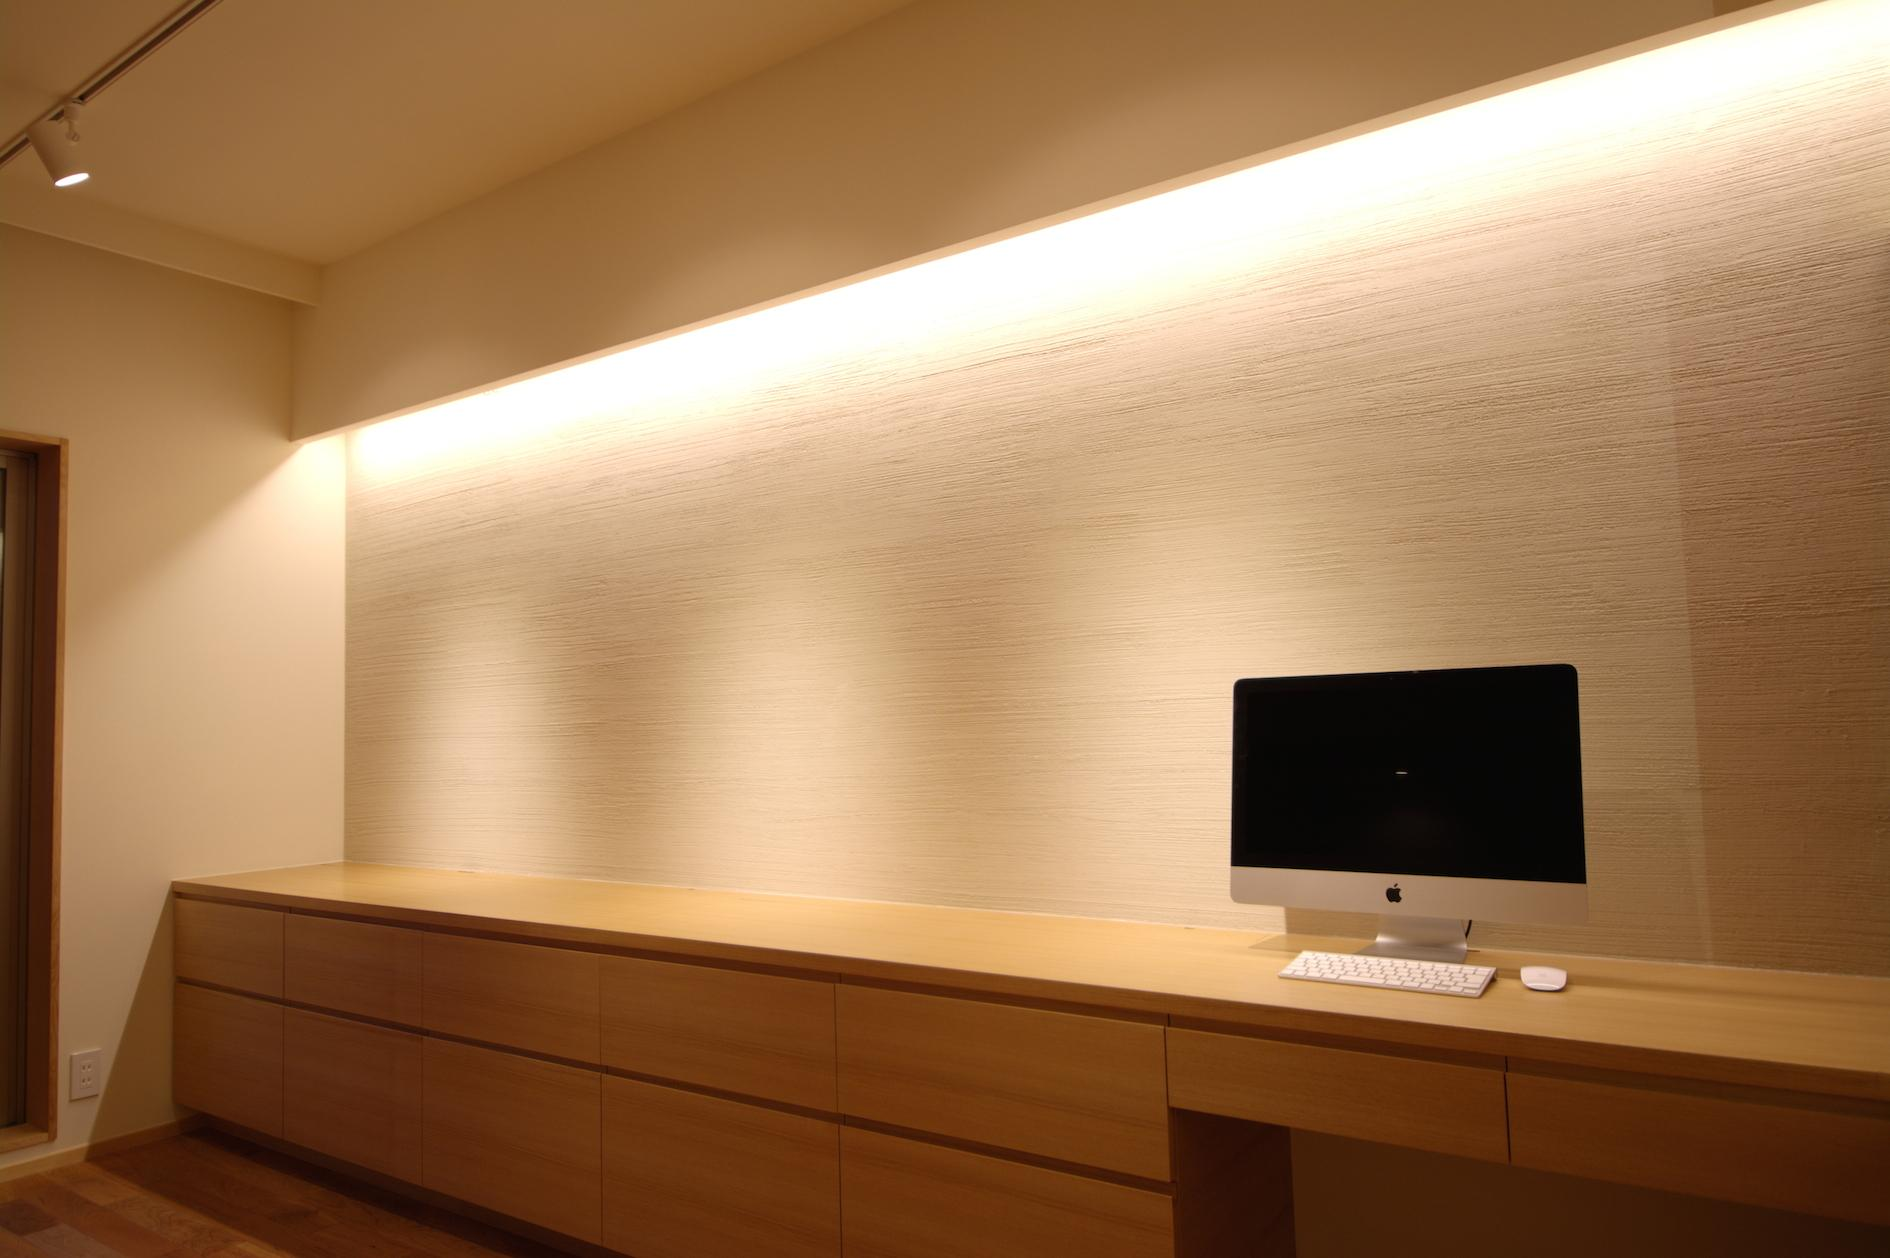 Oさんの大好きなものが集まる大切な場所の部屋 光が上から流れ落ちる間接照明